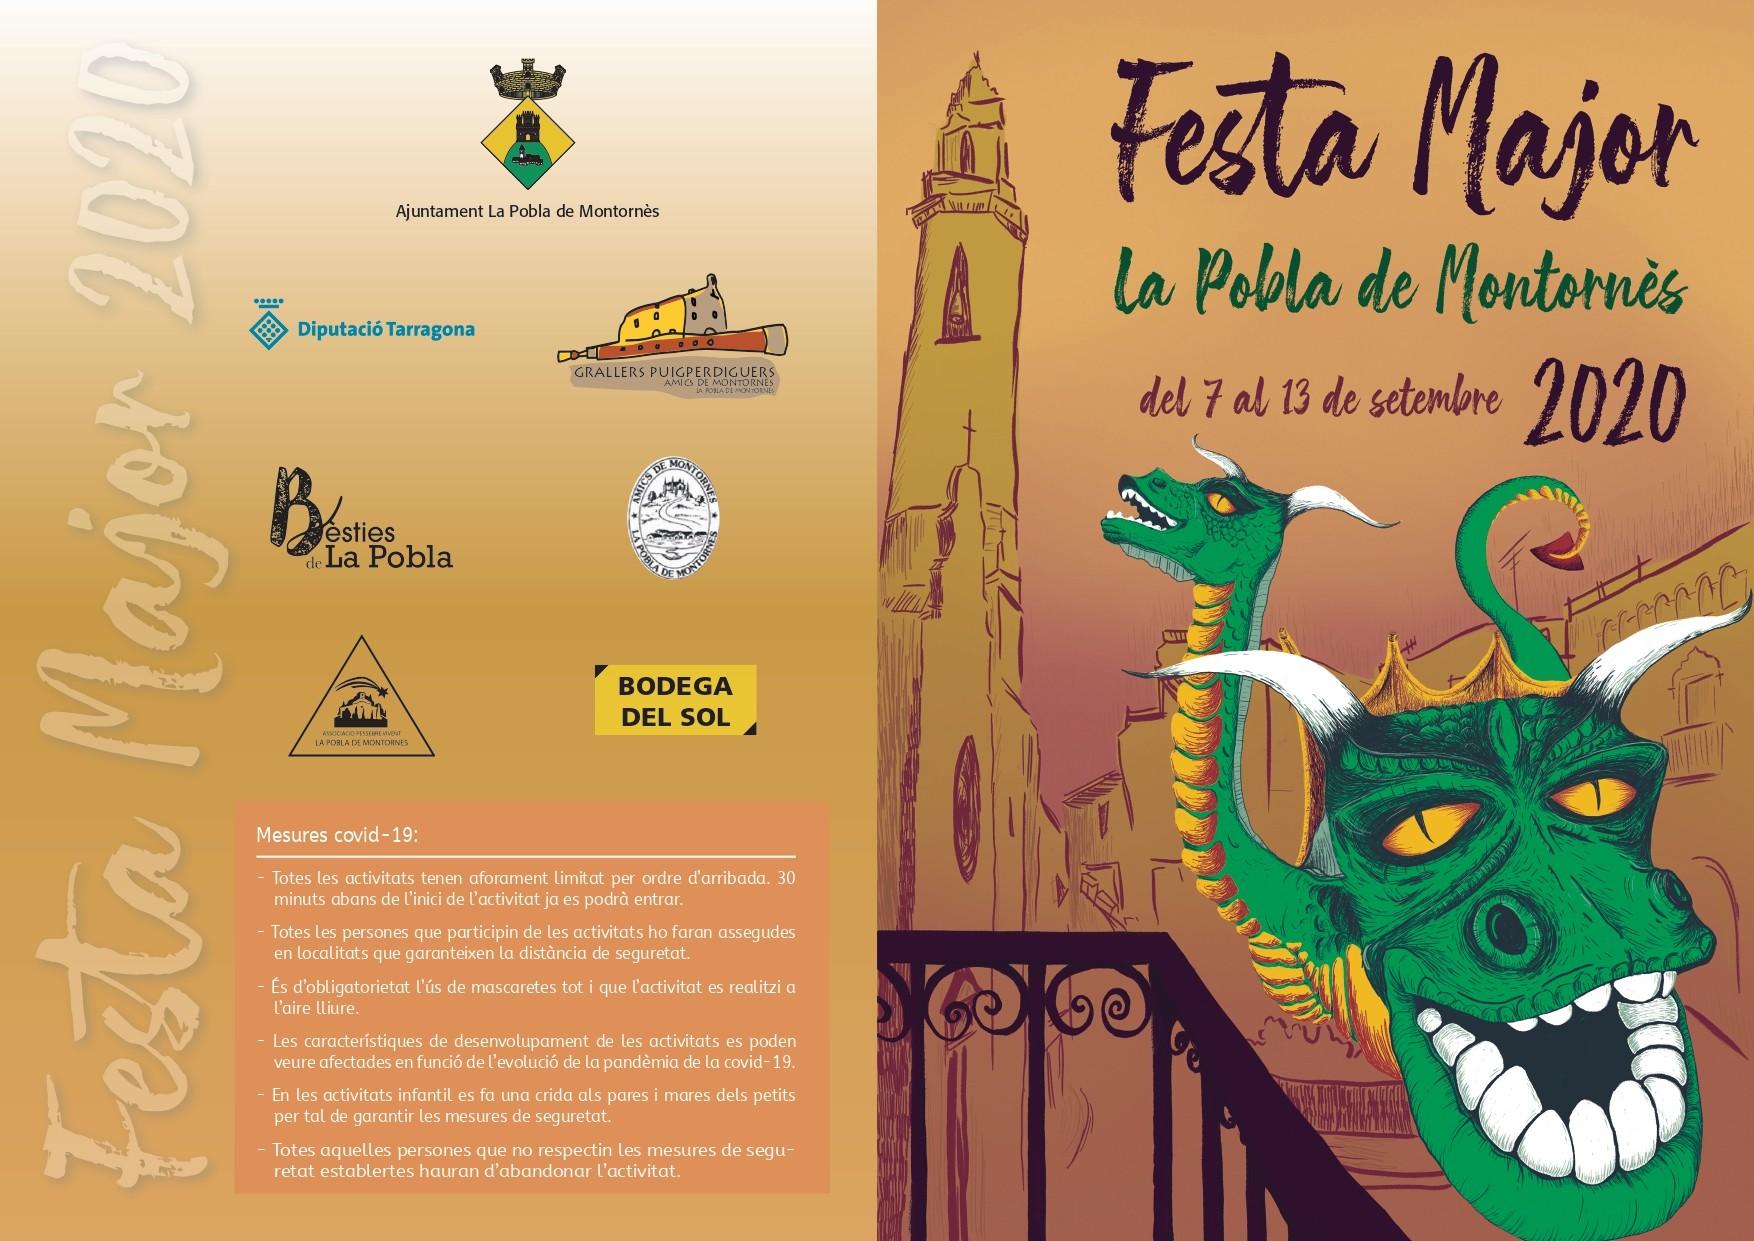 Programa de la Festa Major de la Pobla de Montornès 2020